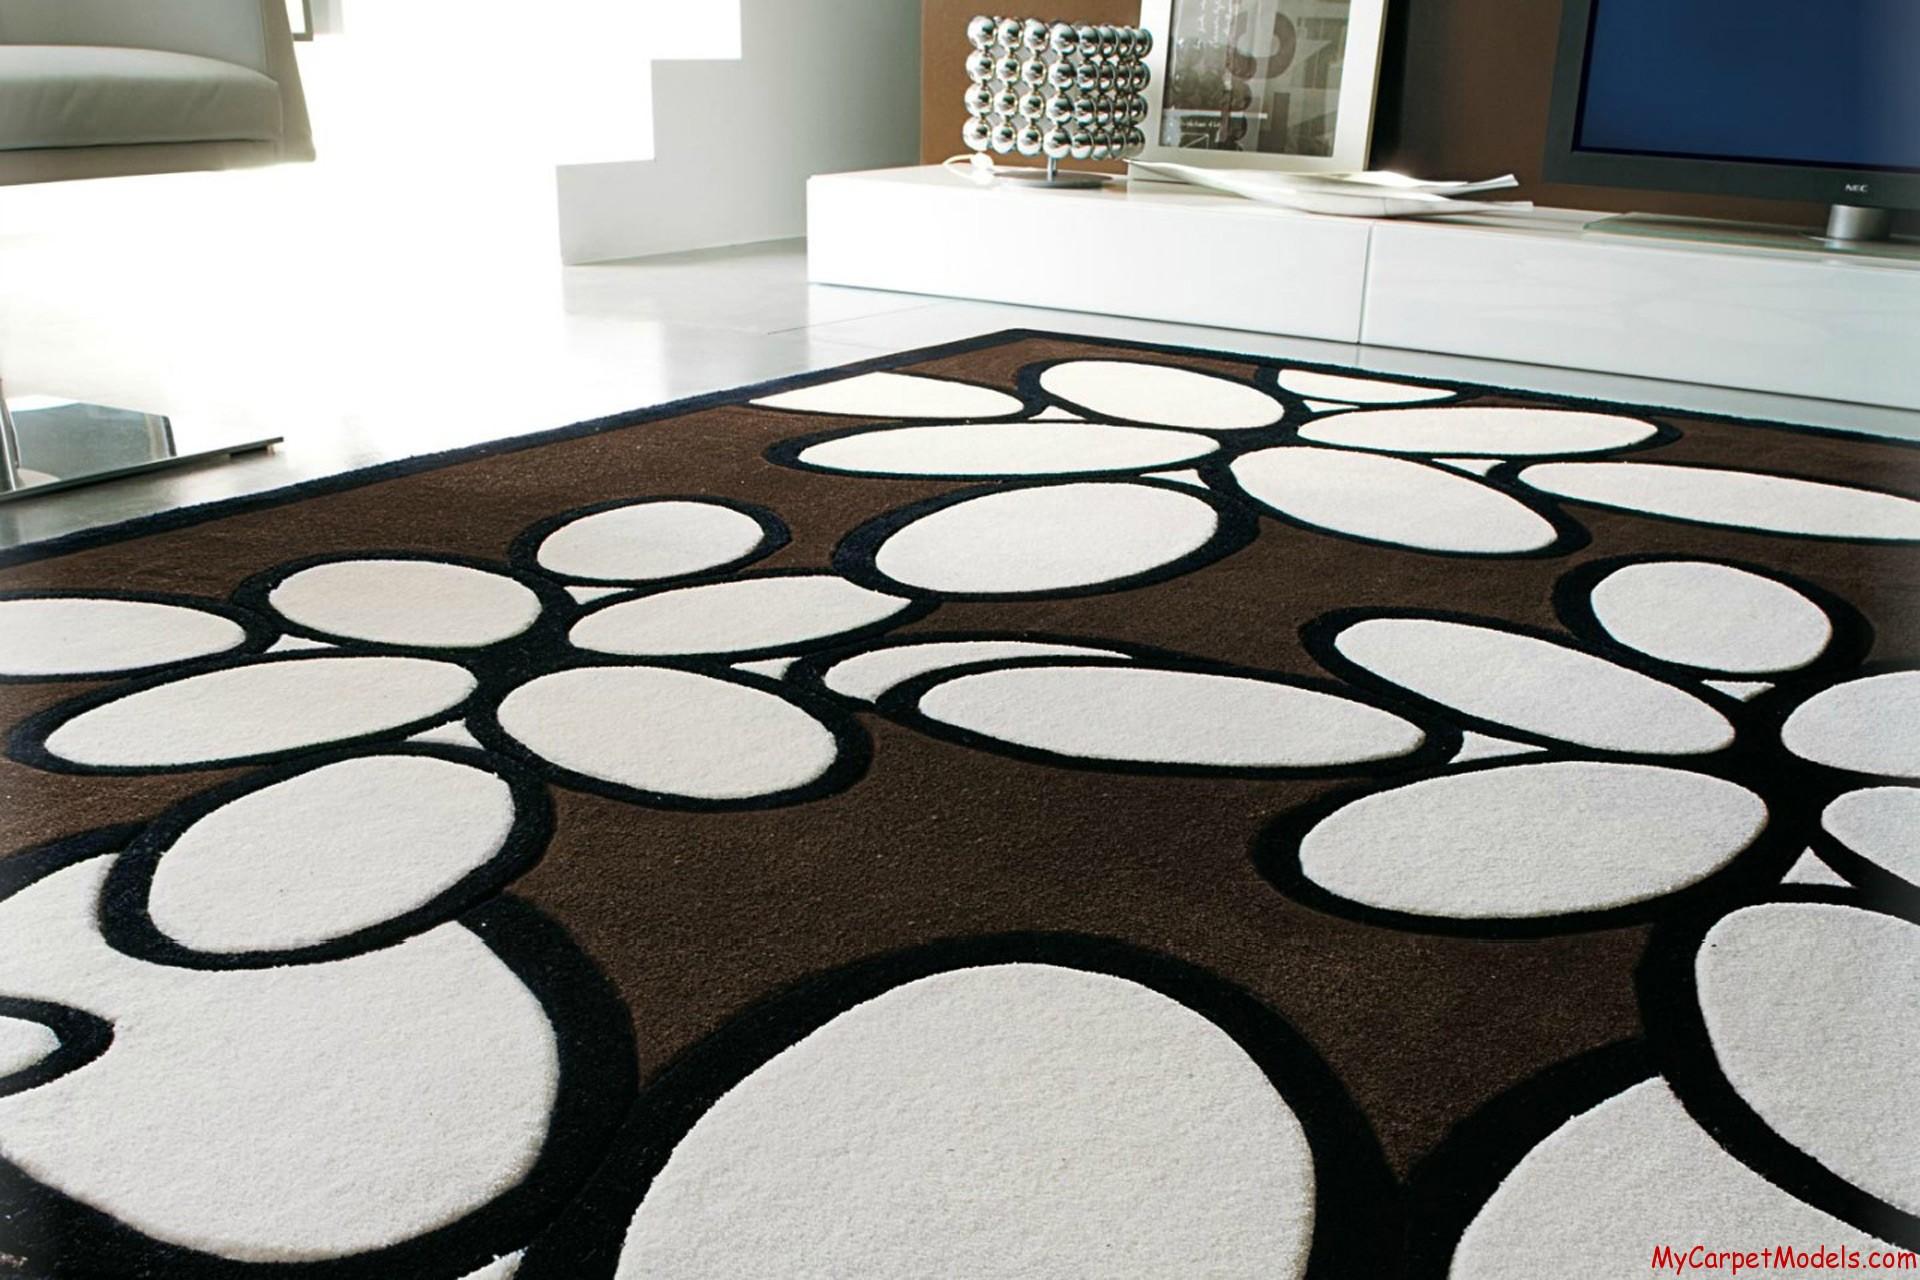 carpet designs for home ... imposing modern carpet design for living room ideas ... EARBLIN